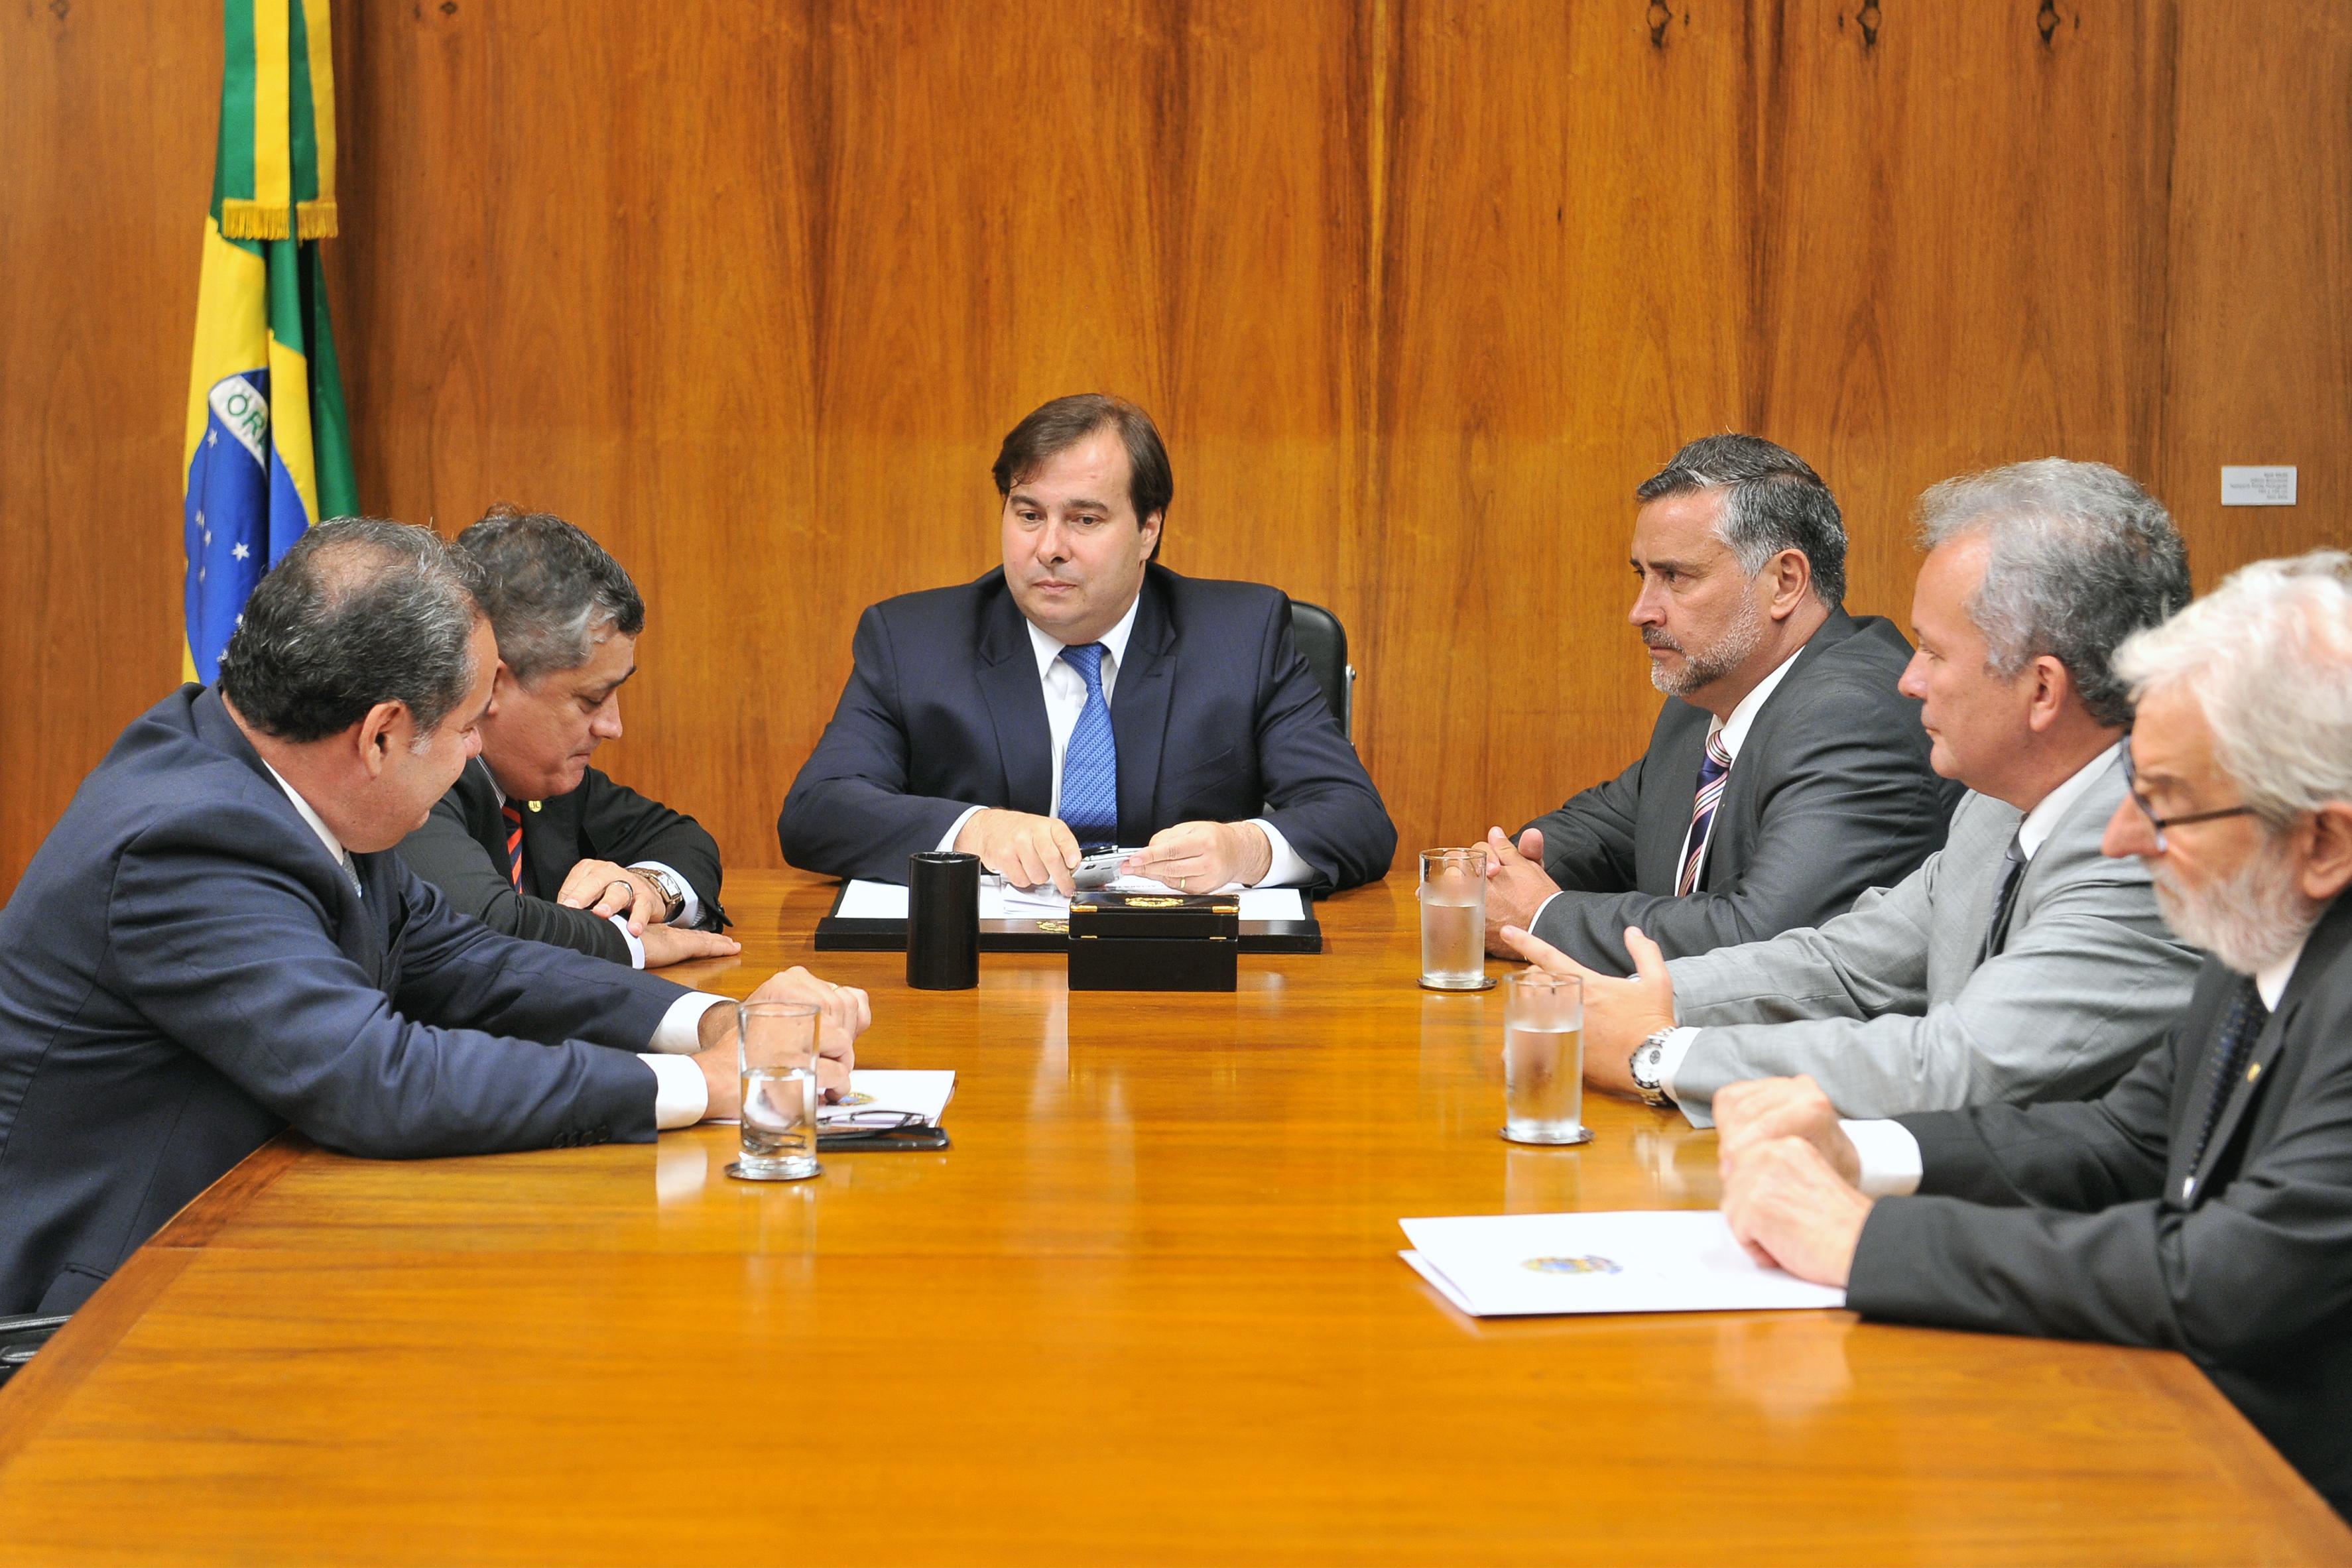 Presidente da Câmara dep. Rodrigo Maia (DEM-RJ) se reúne com deputados da minoria